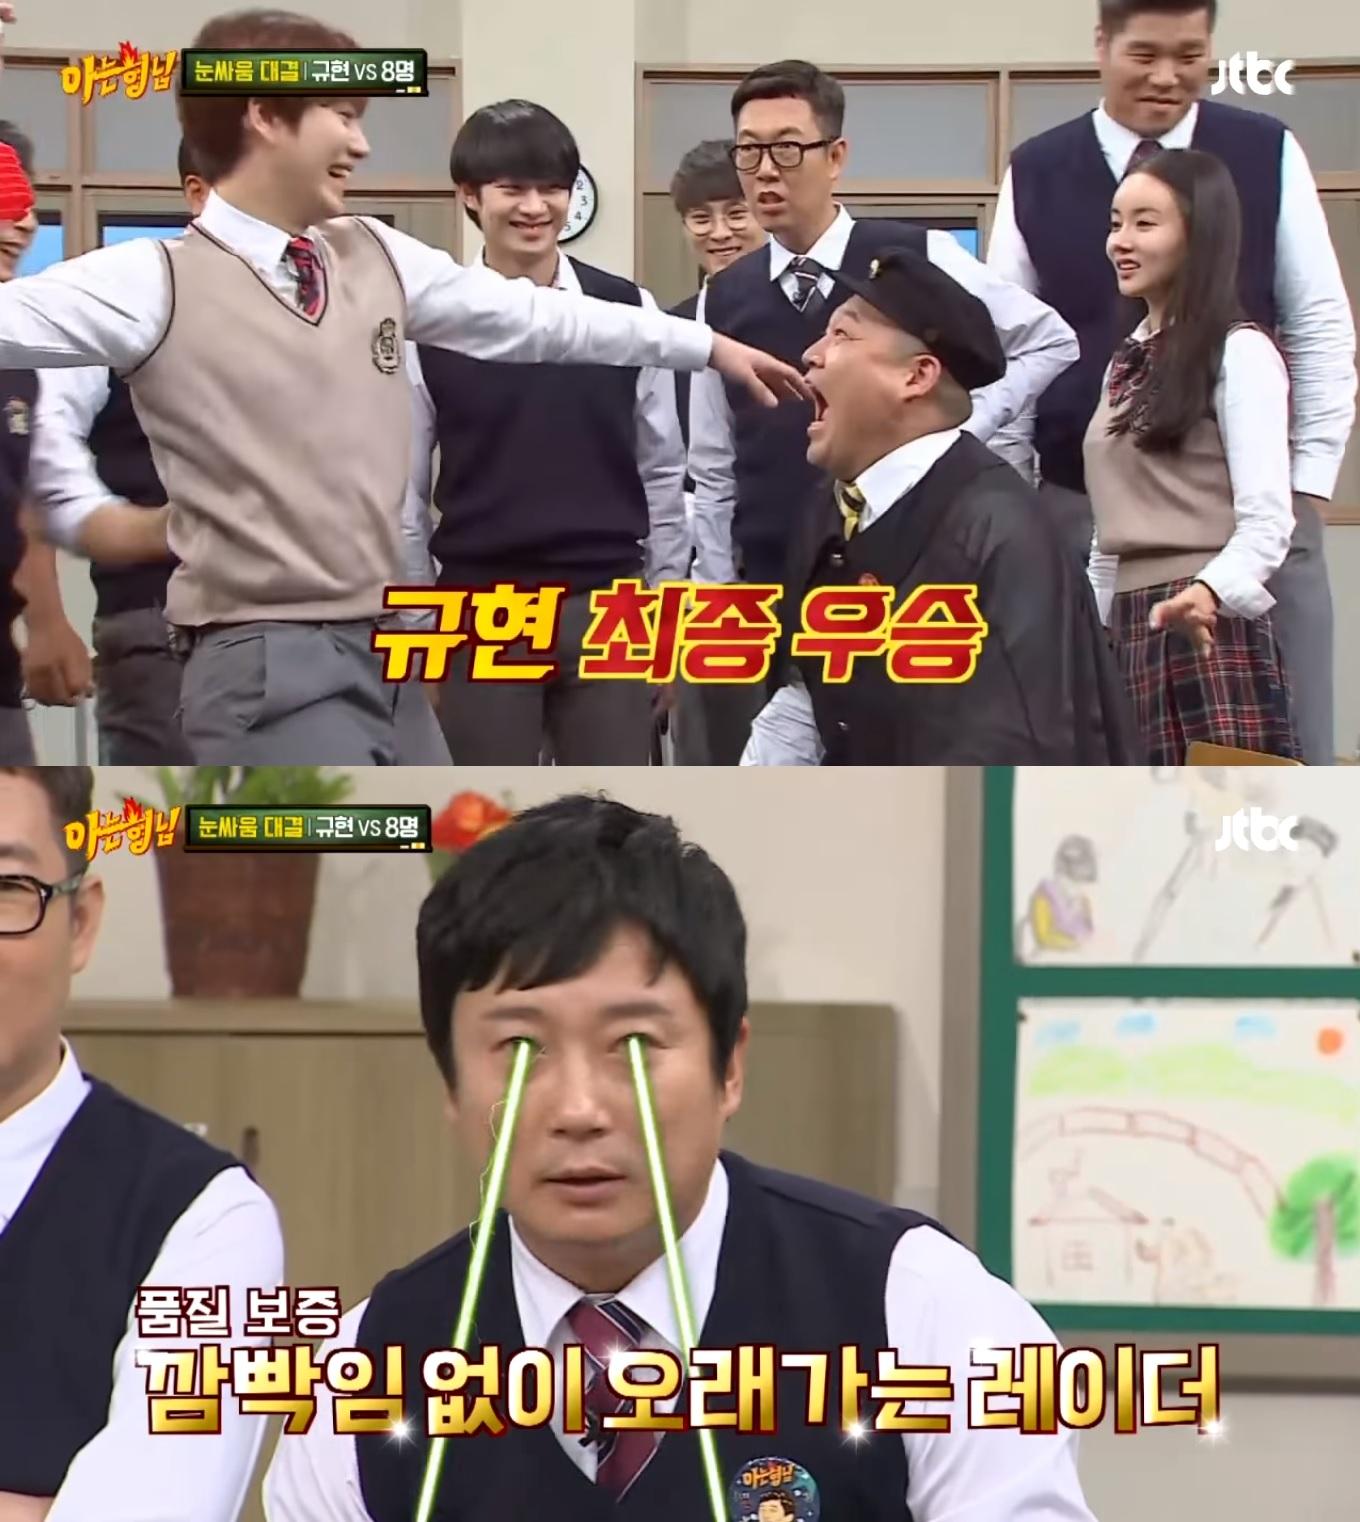 super junior kyuhyun hee chul seo jang hoon hwang woo seul hye